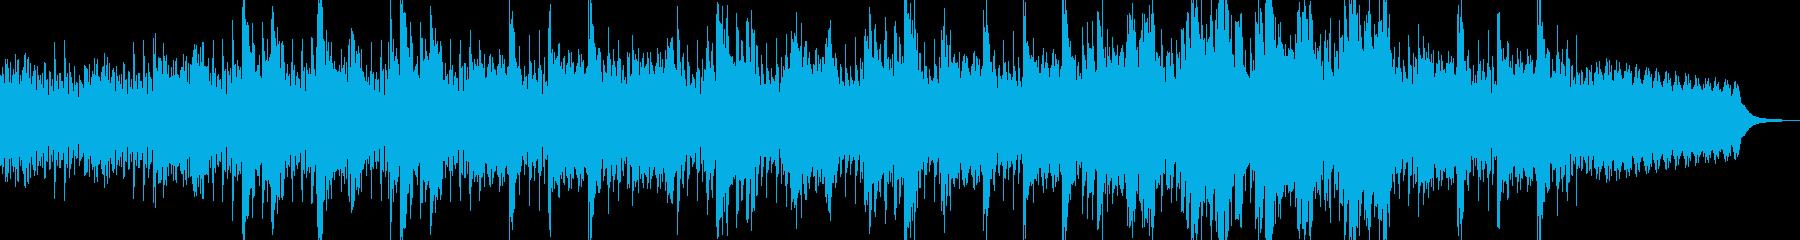 躍動感のあるピチカートを伴ったピアノ曲の再生済みの波形